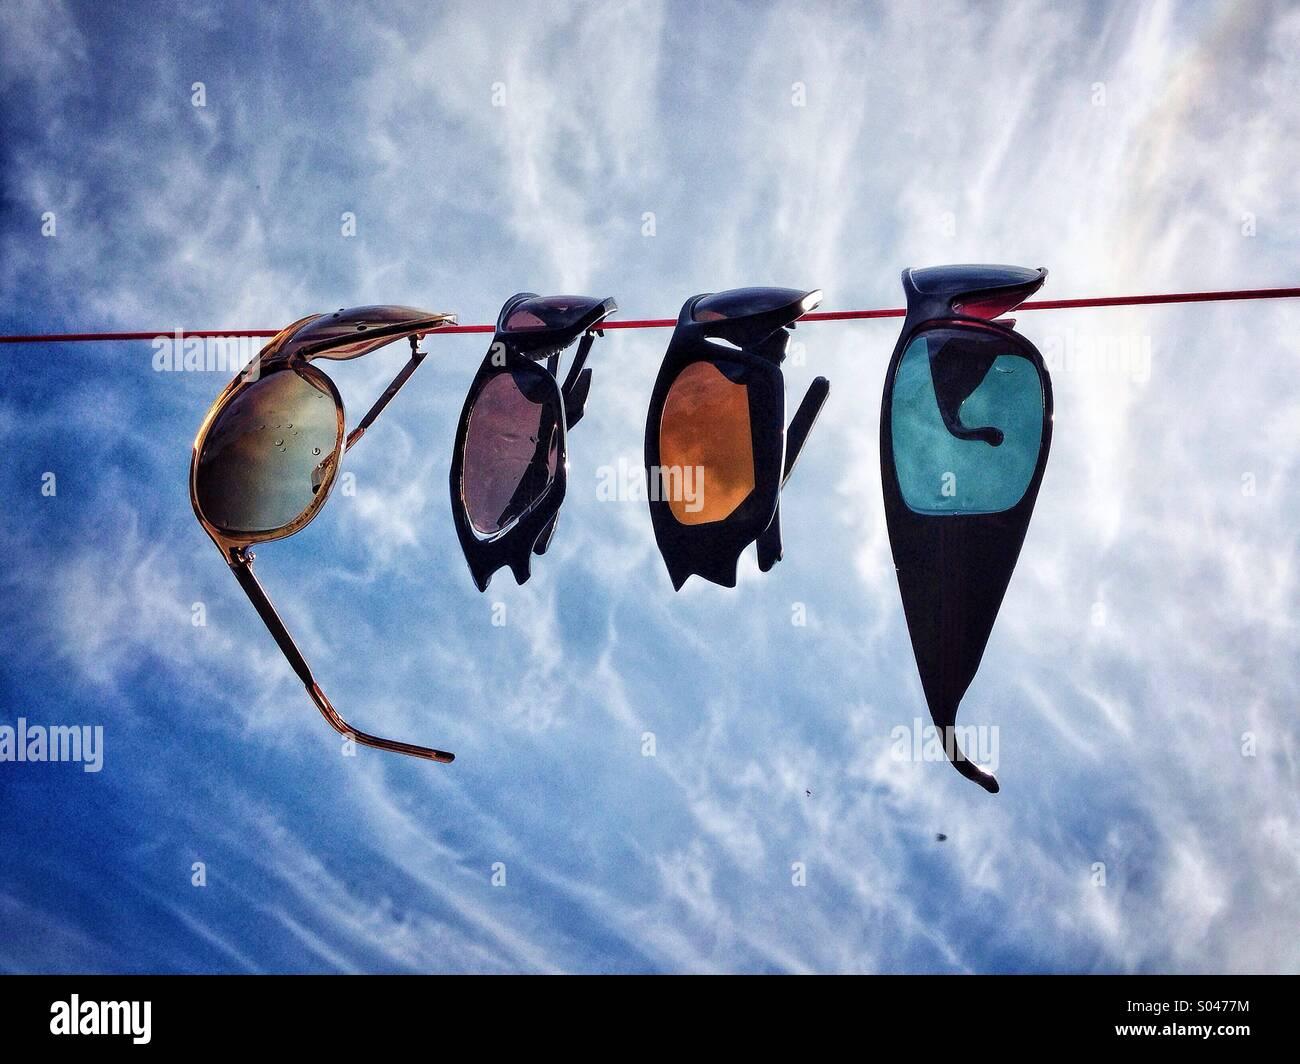 Sonnenbrille auf eine Wäscheleine hängen Stockbild